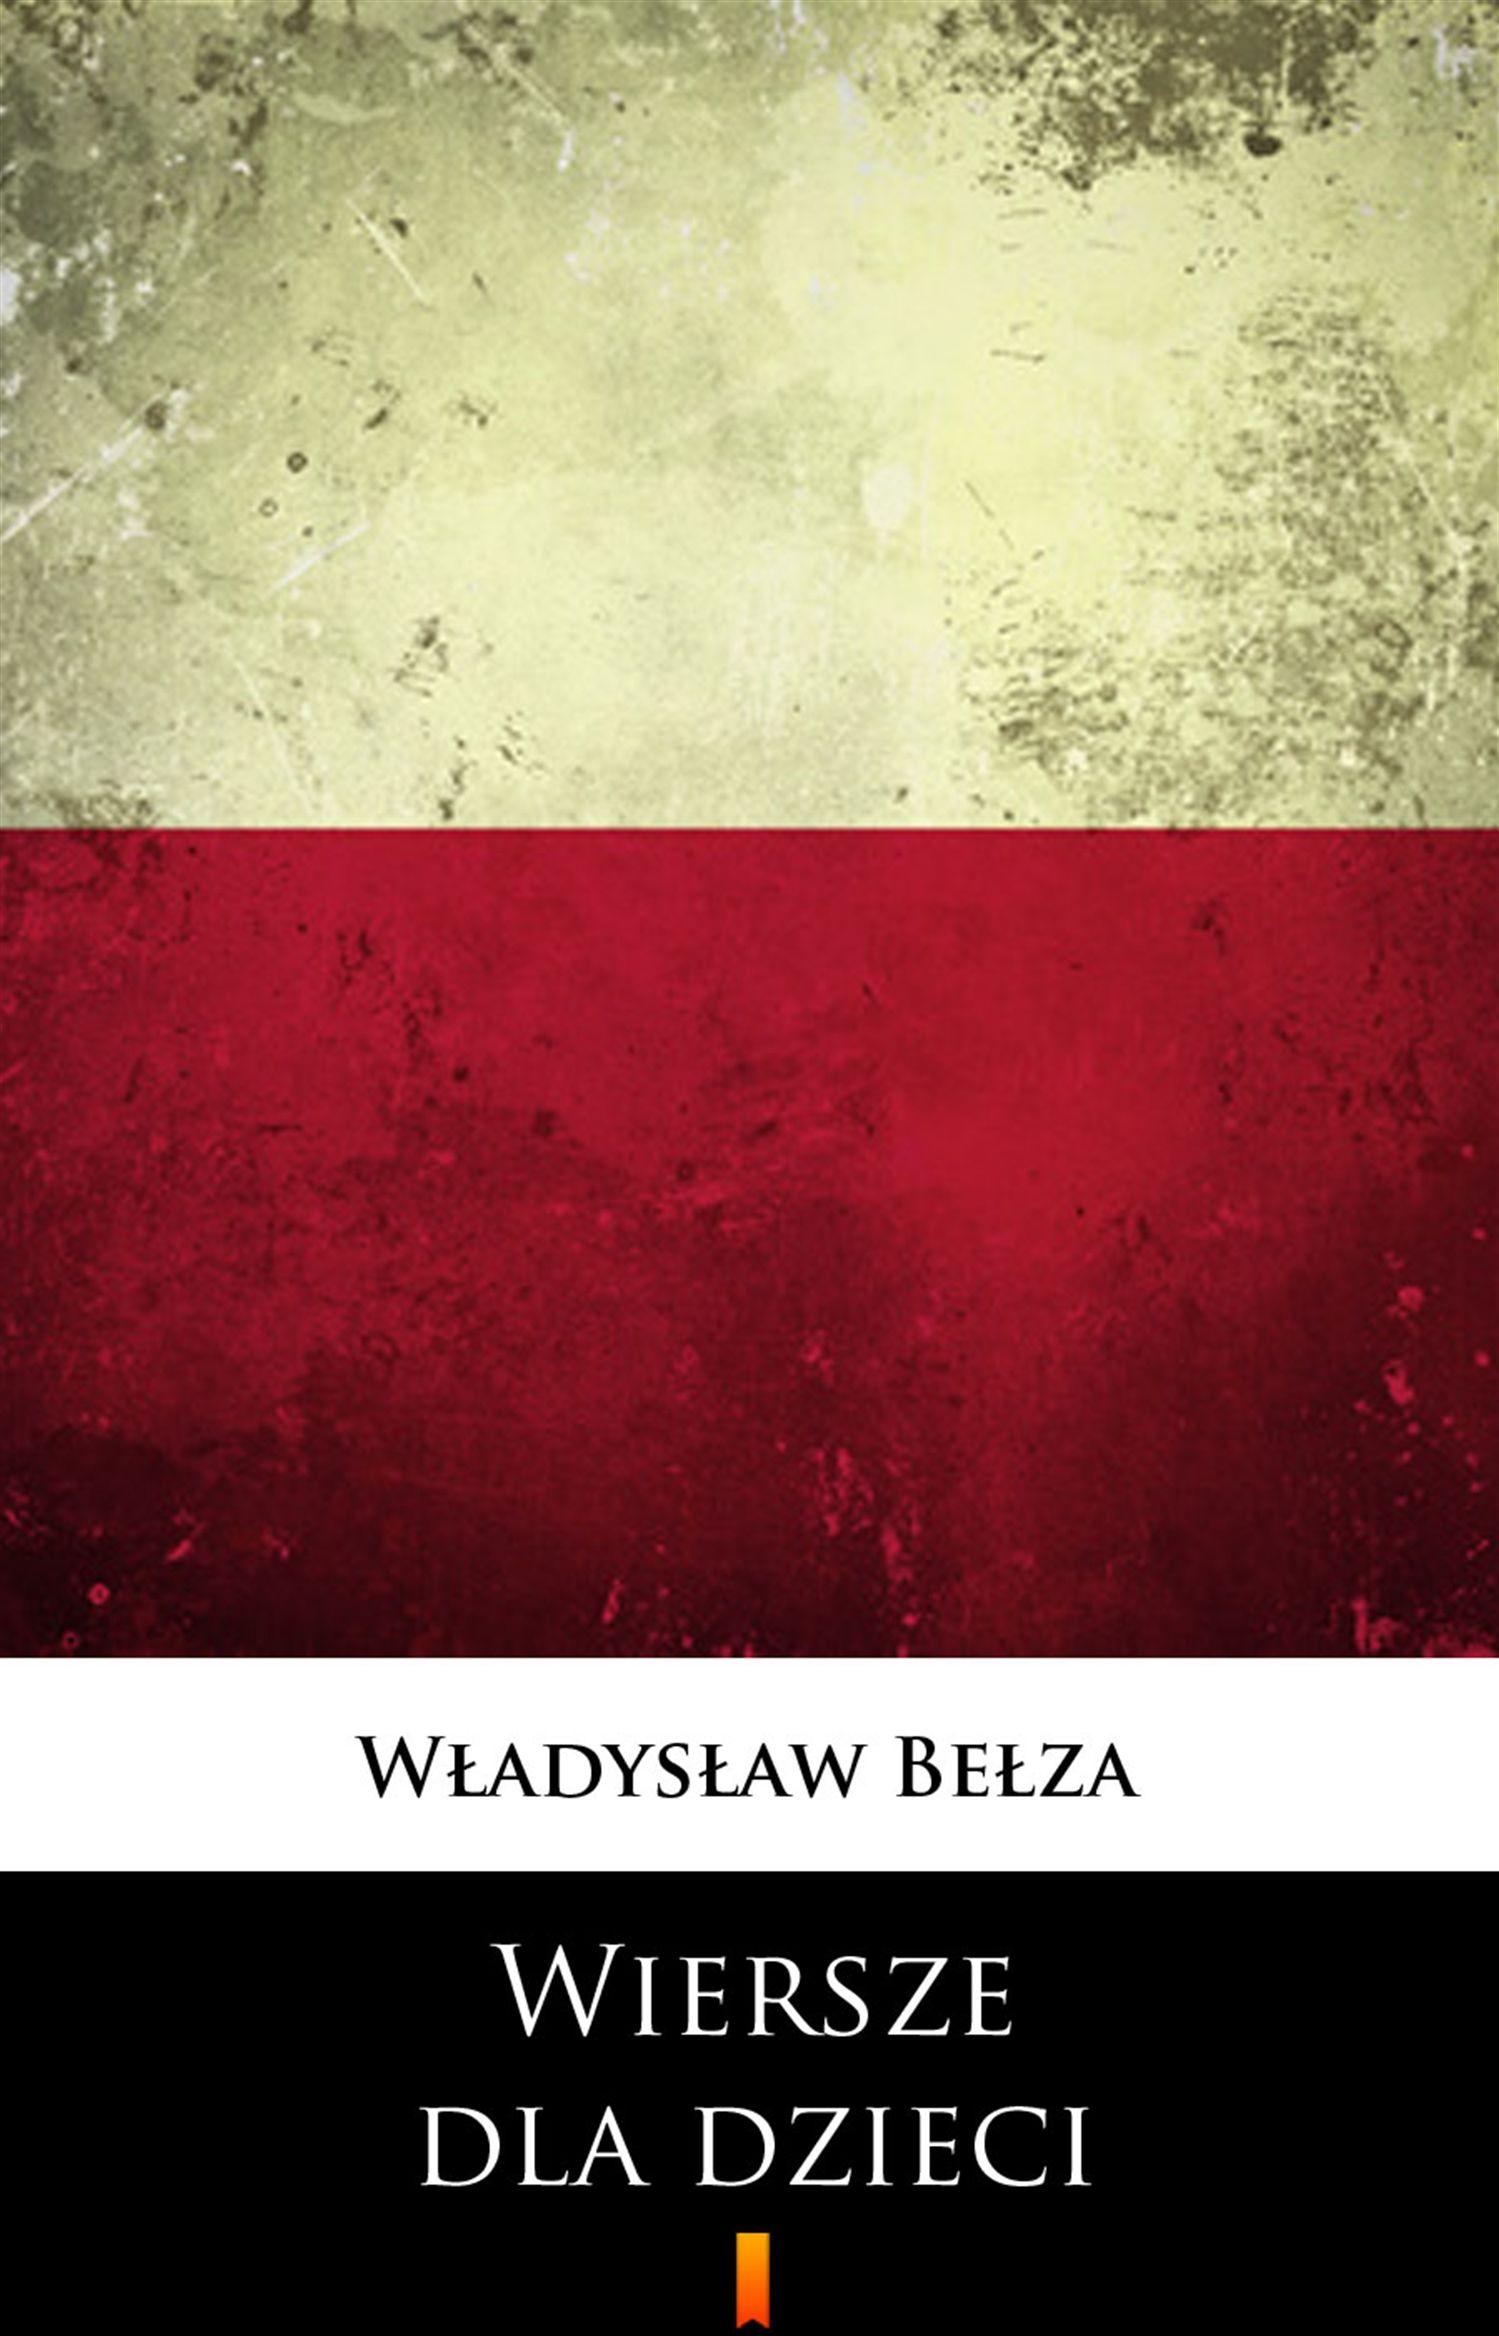 Wiersze dla dzieci - Władysław Bełza - ebook